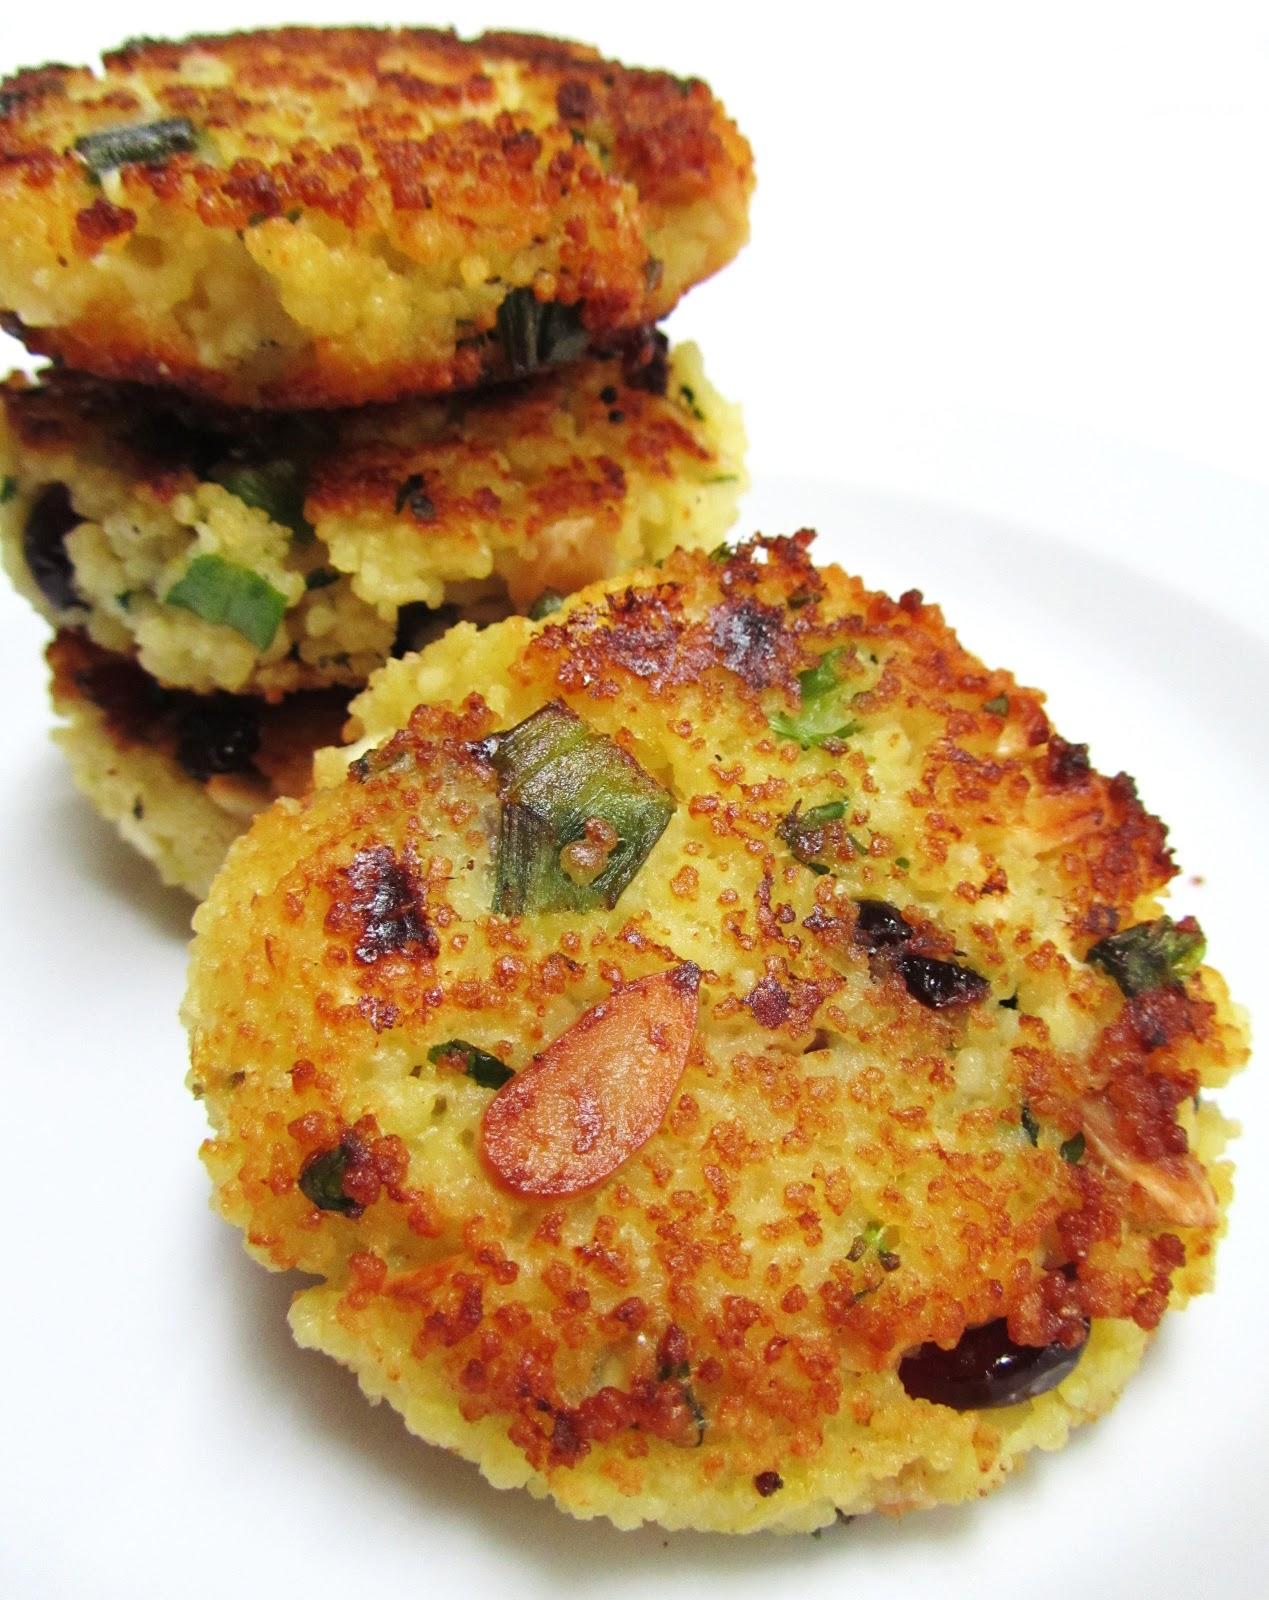 Zuchini Crab Cakes Recepie